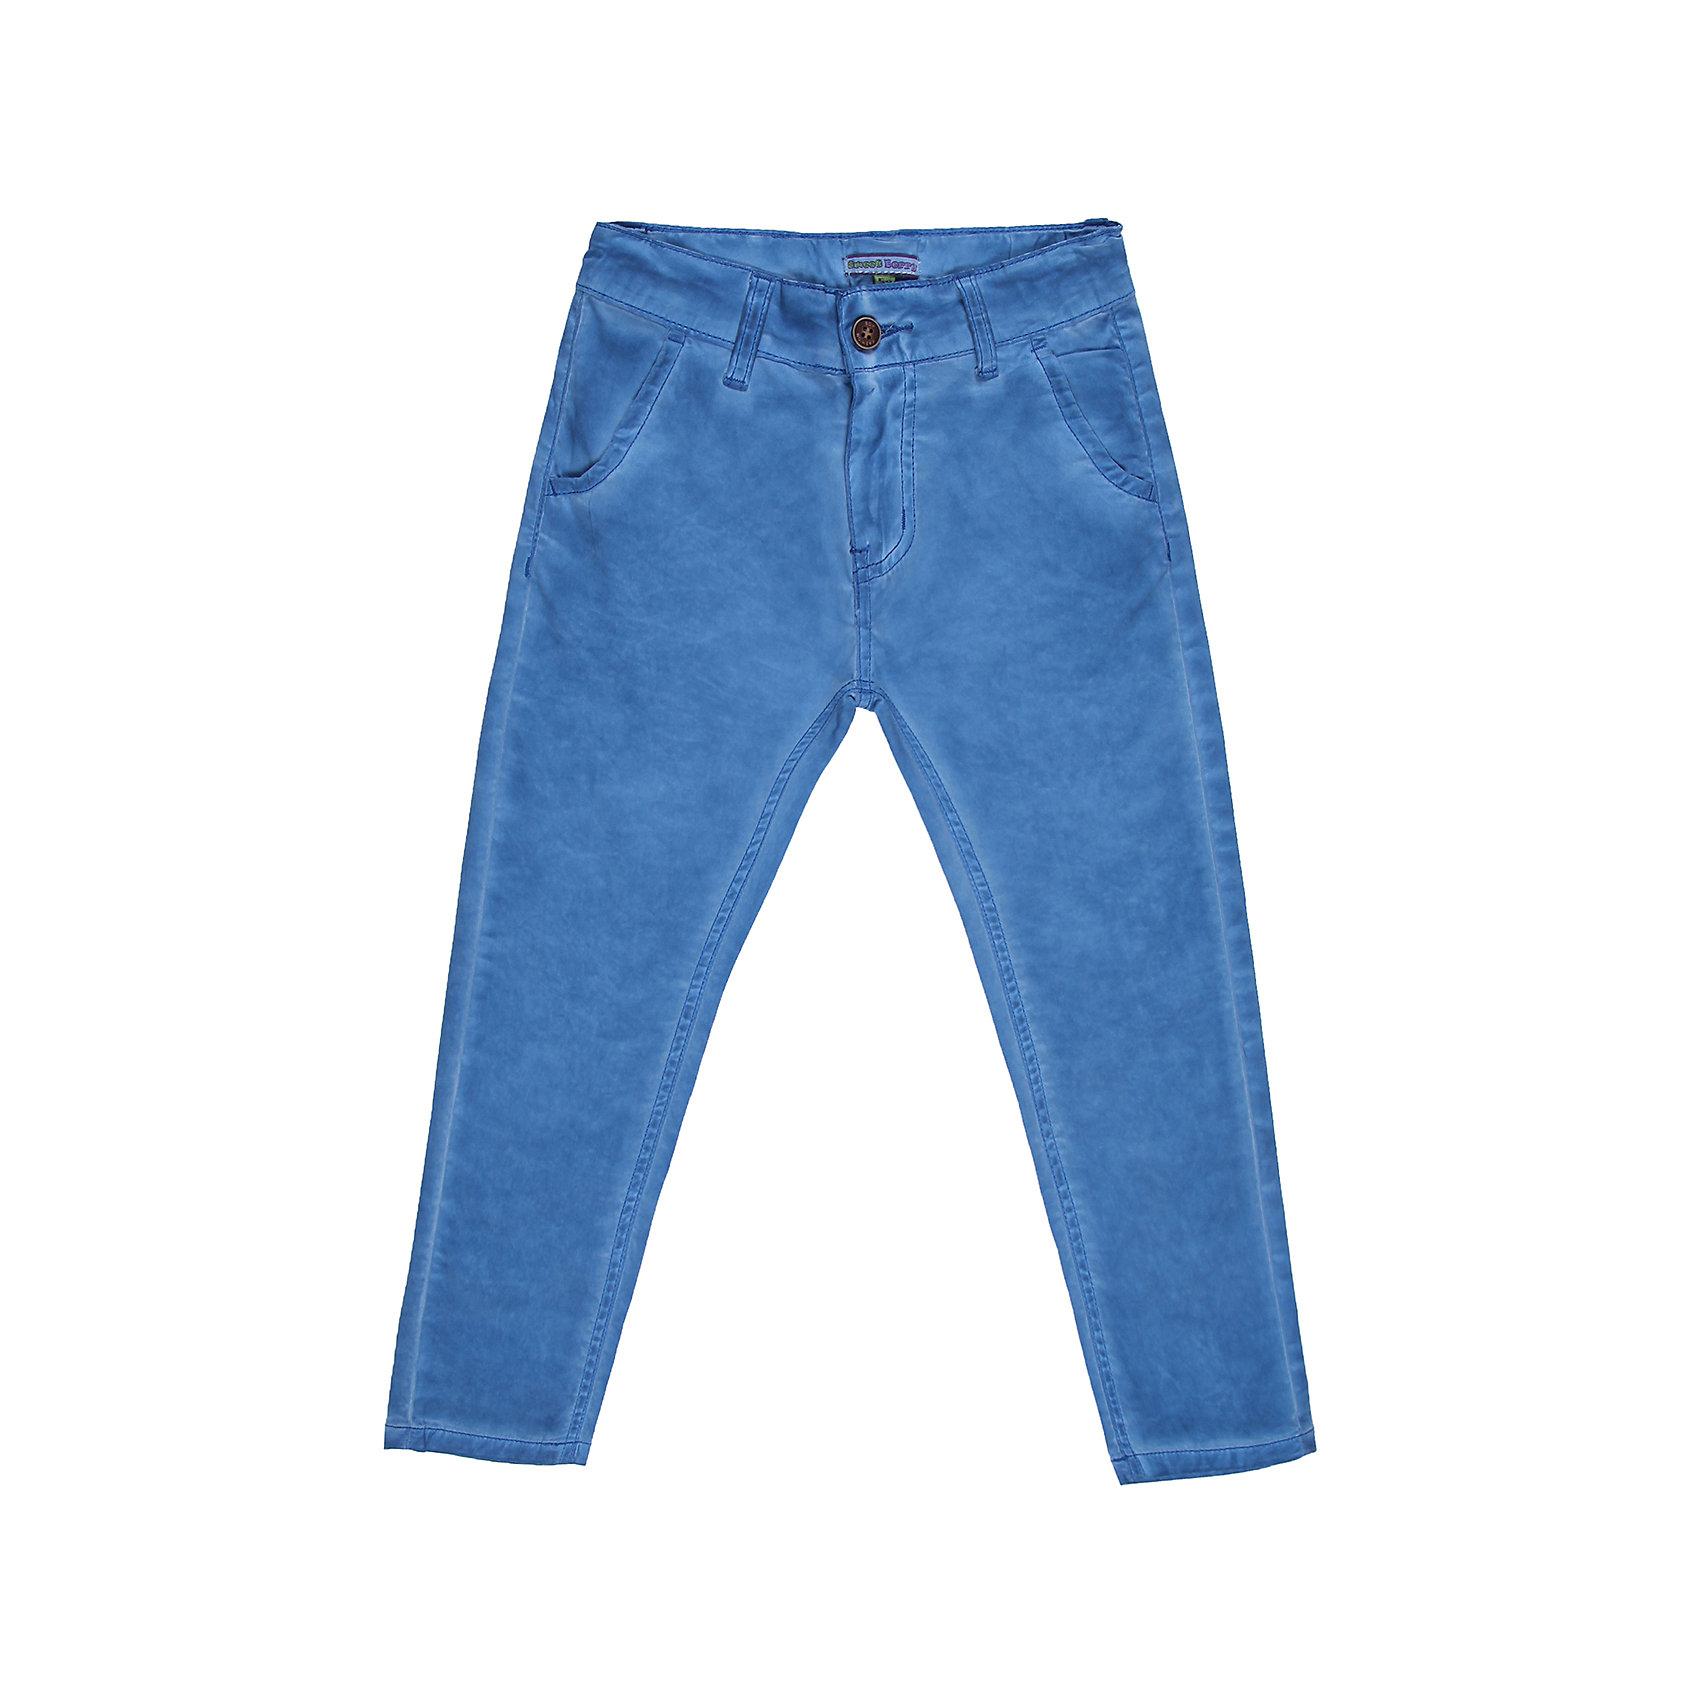 Брюки для мальчика Sweet BerryБрюки<br>Хлопковые брюки на мальчика, классический крой, четыре кармана. Отличный выбор на каждый день.<br>Состав:<br>98% хлопок 2%эластан<br><br>Ширина мм: 215<br>Глубина мм: 88<br>Высота мм: 191<br>Вес г: 336<br>Цвет: синий<br>Возраст от месяцев: 72<br>Возраст до месяцев: 84<br>Пол: Мужской<br>Возраст: Детский<br>Размер: 116,122,110,104,98,128<br>SKU: 4523006